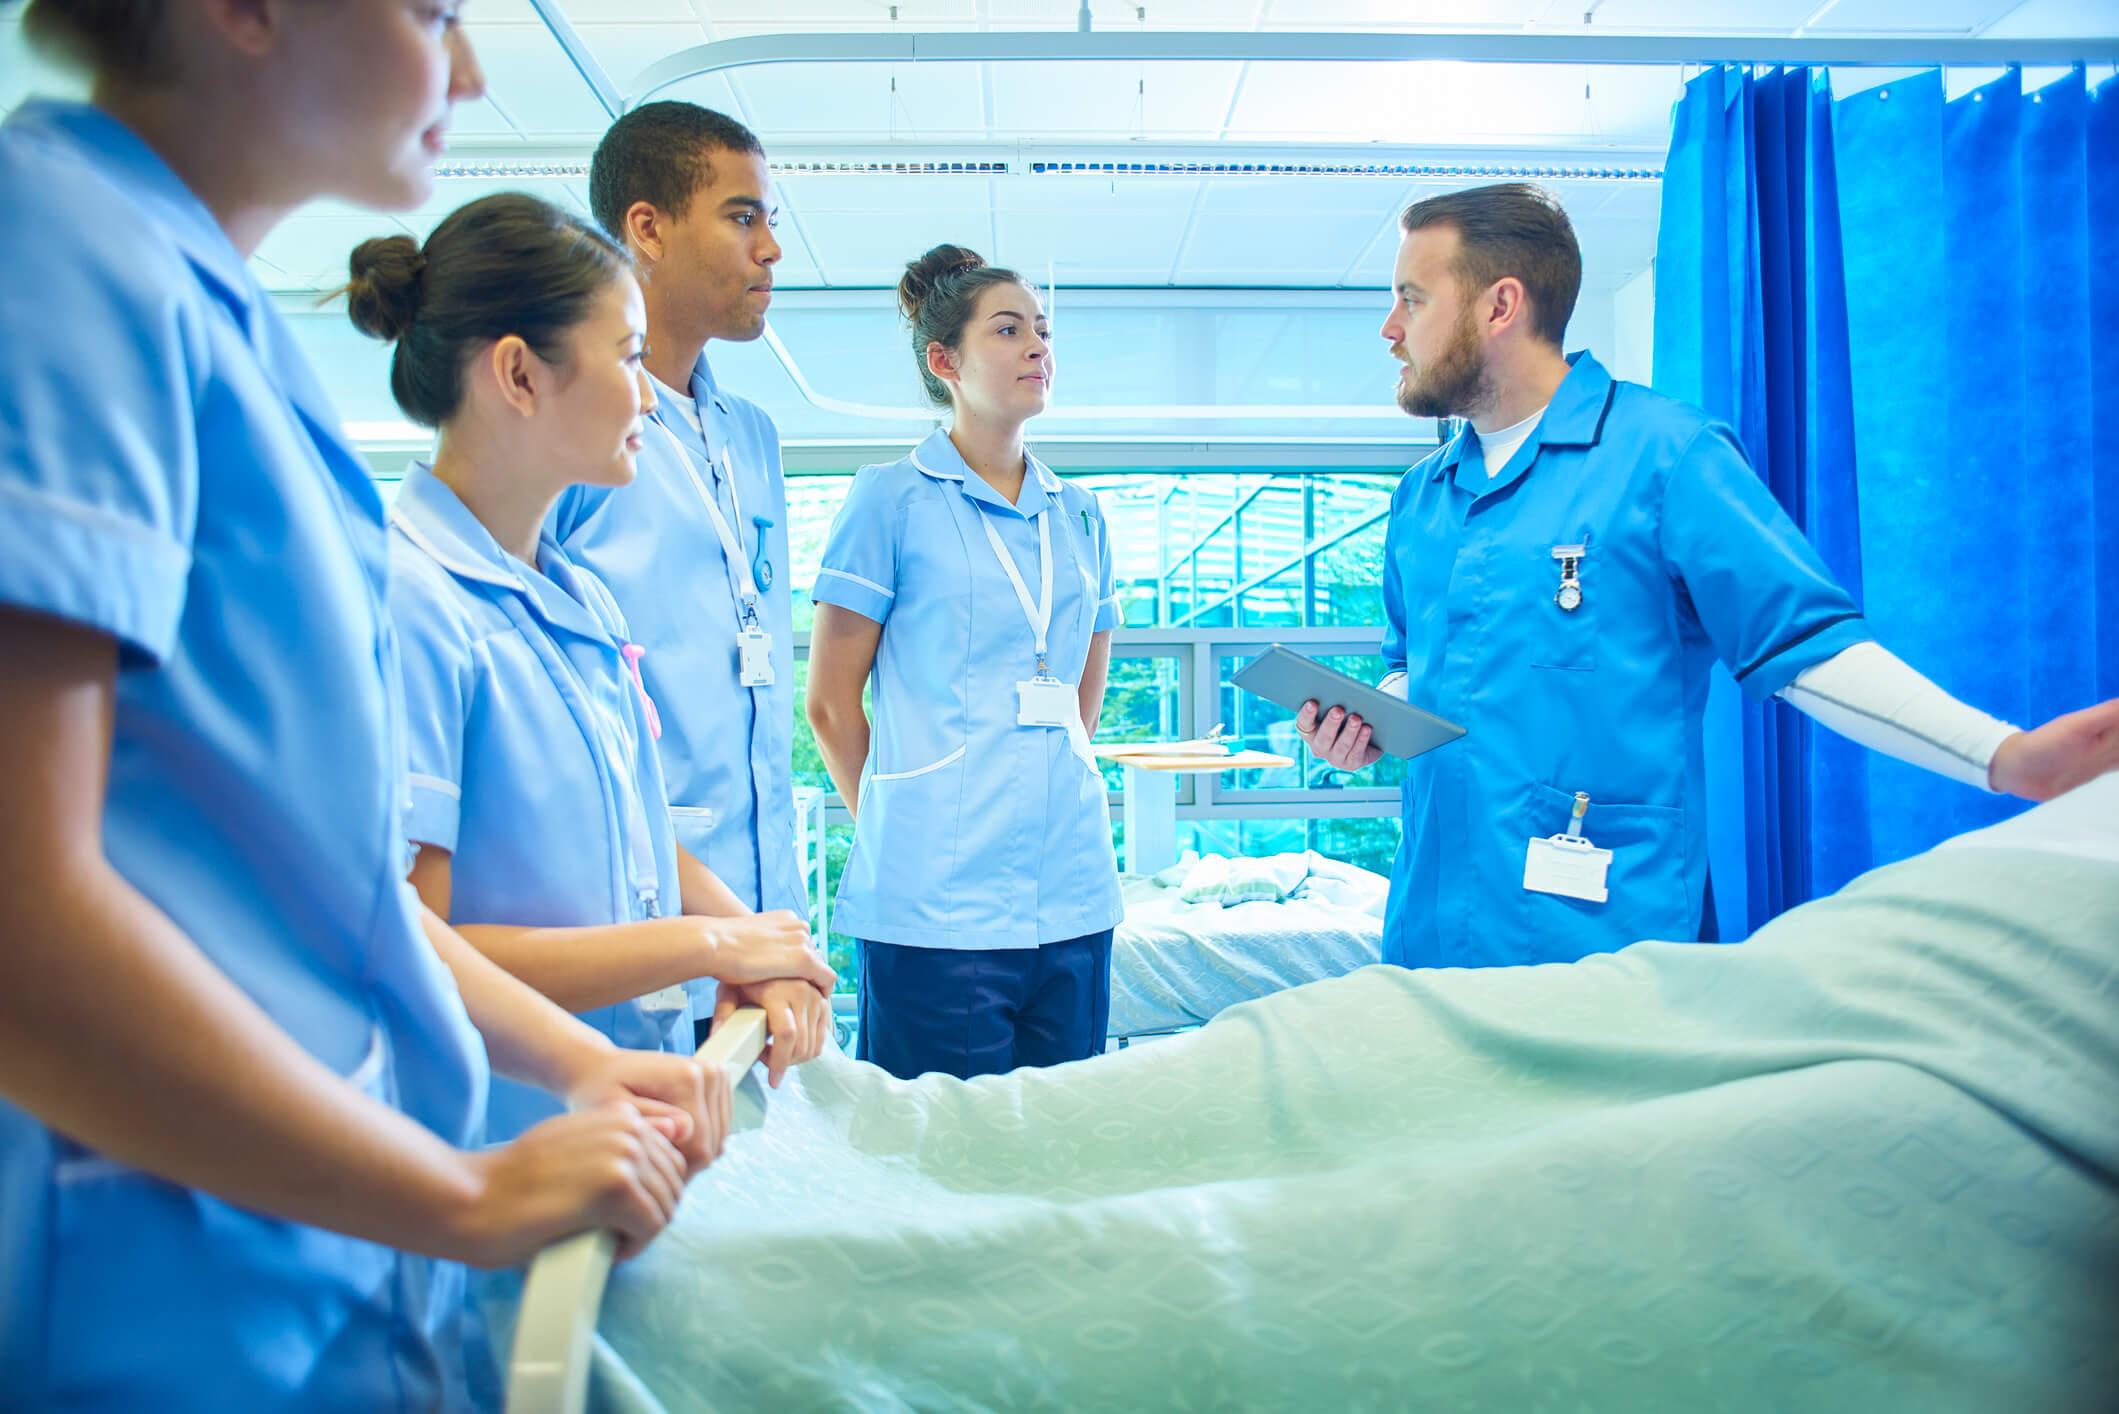 Veja 4 dicas infalíveis para aprender mais na residência médica